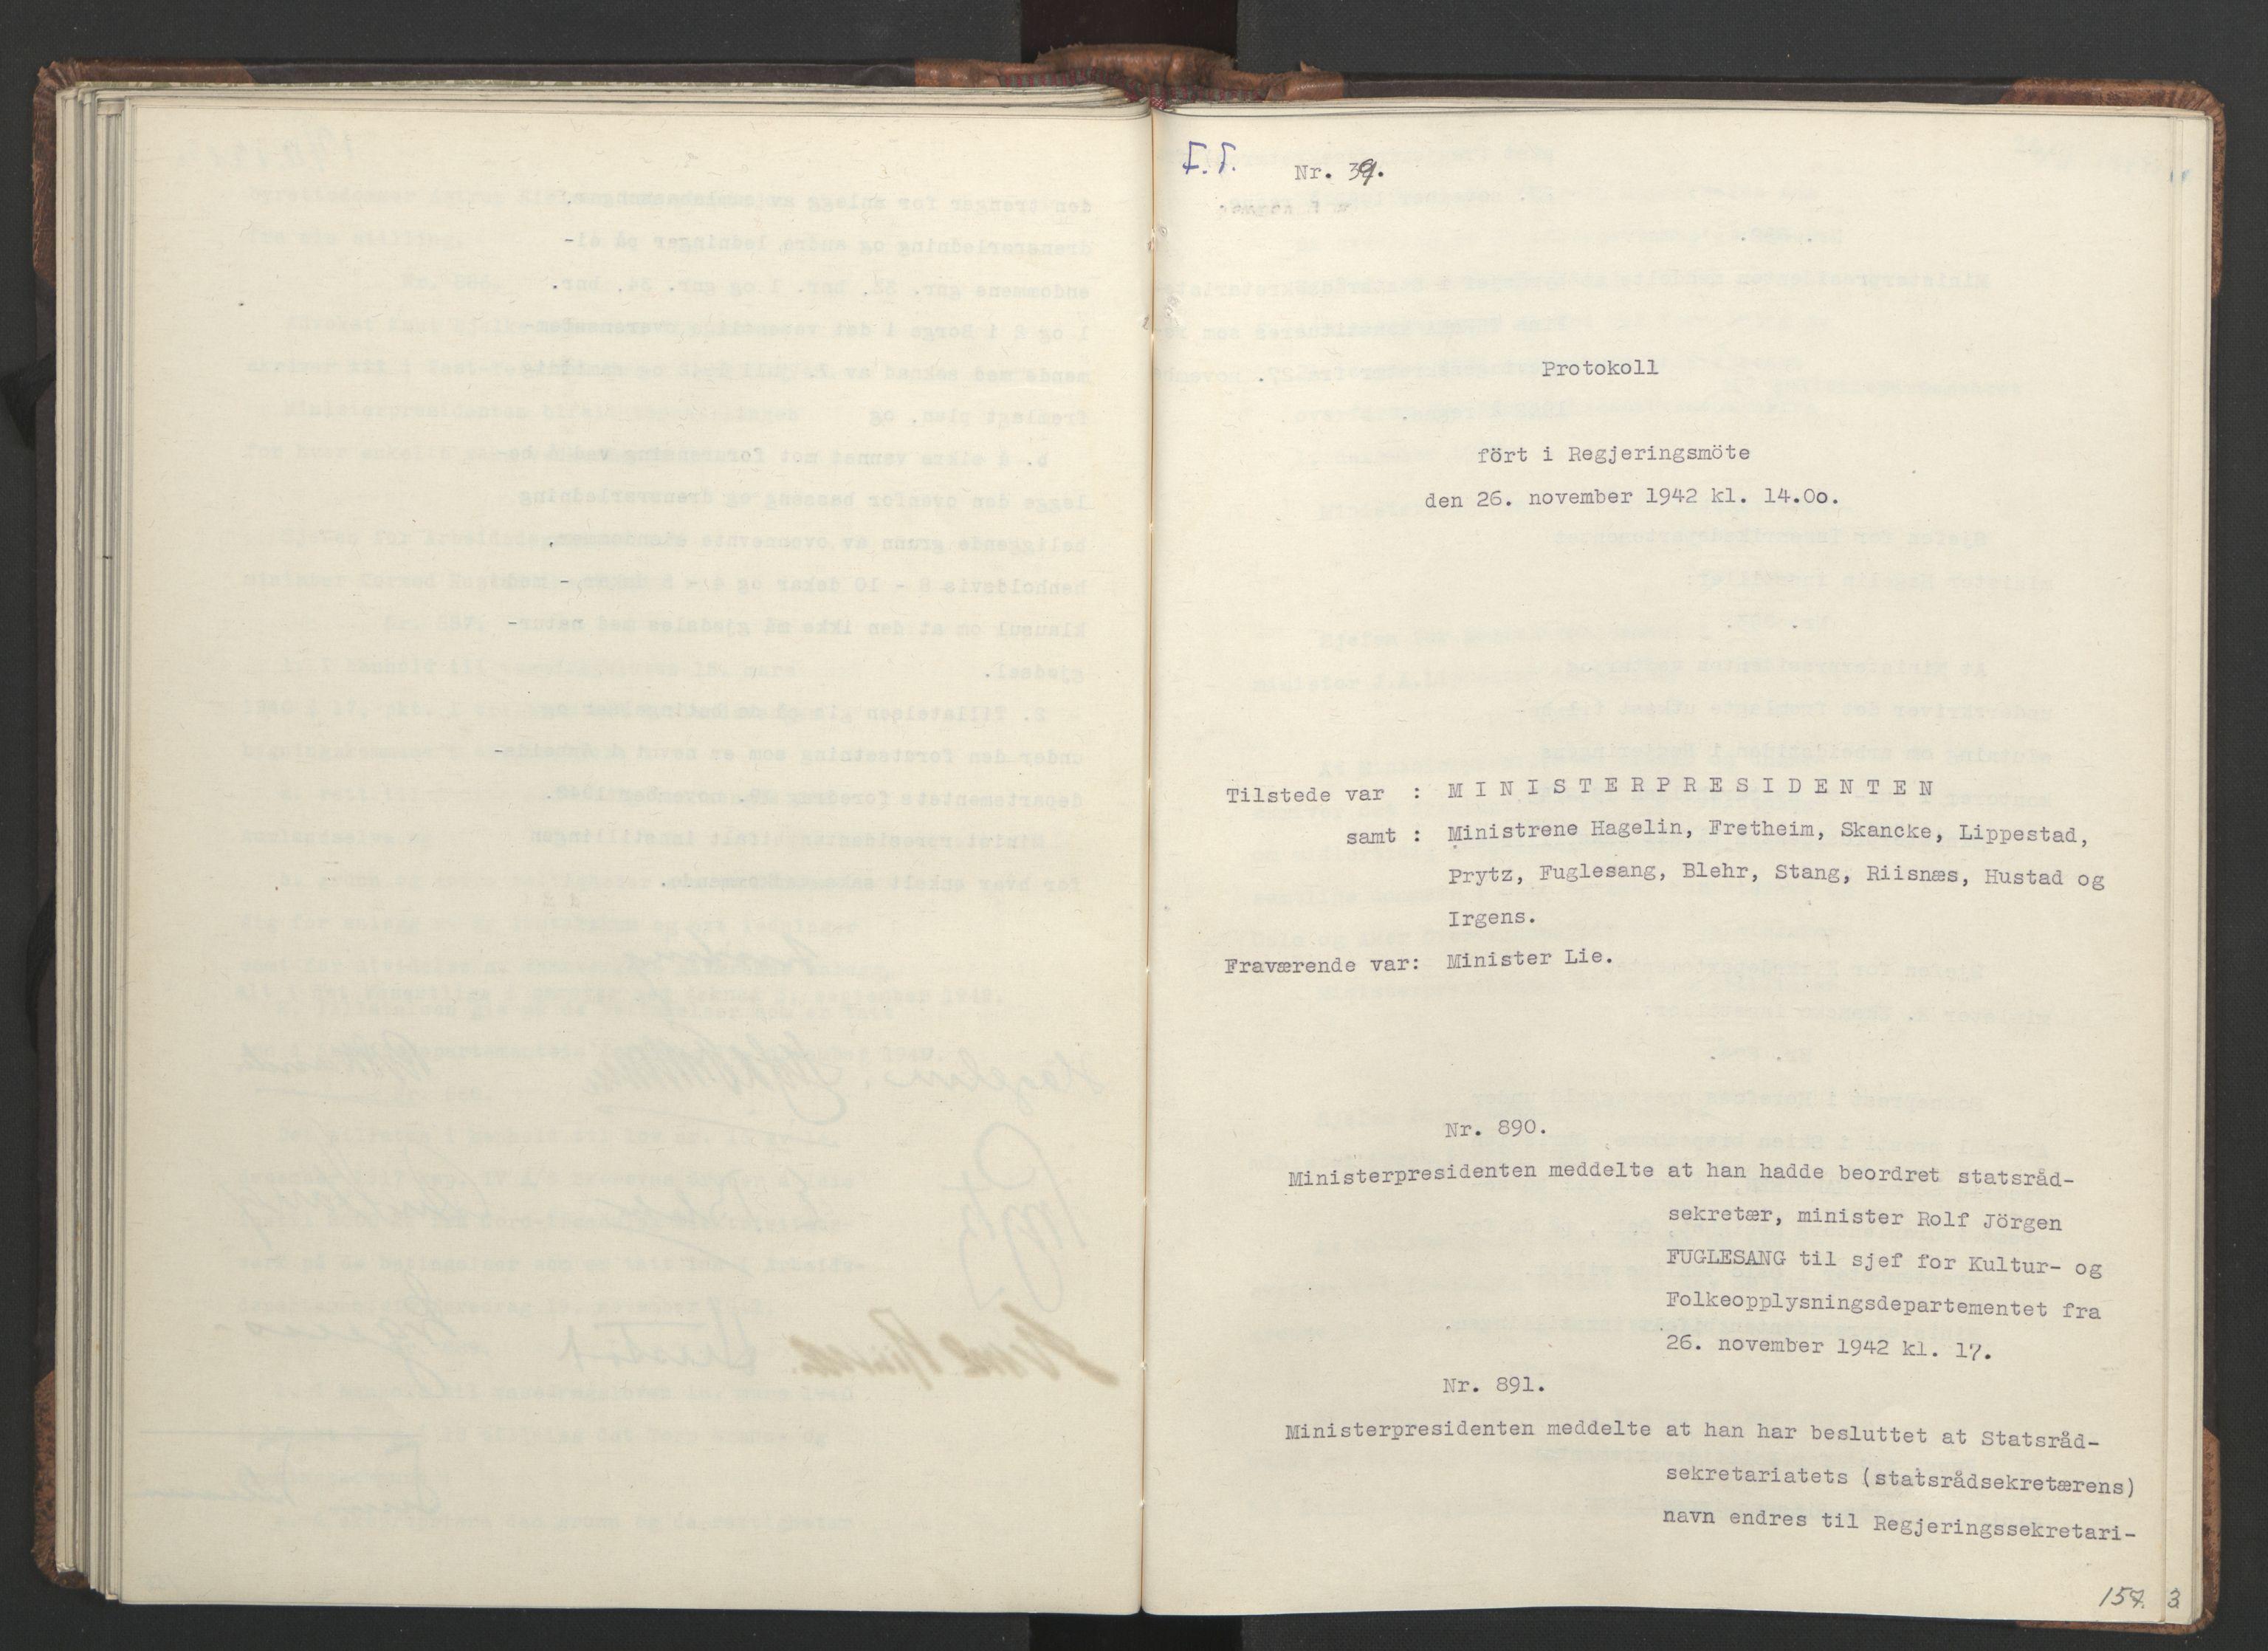 RA, NS-administrasjonen 1940-1945 (Statsrådsekretariatet, de kommisariske statsråder mm), D/Da/L0001: Beslutninger og tillegg (1-952 og 1-32), 1942, s. 156b-157a